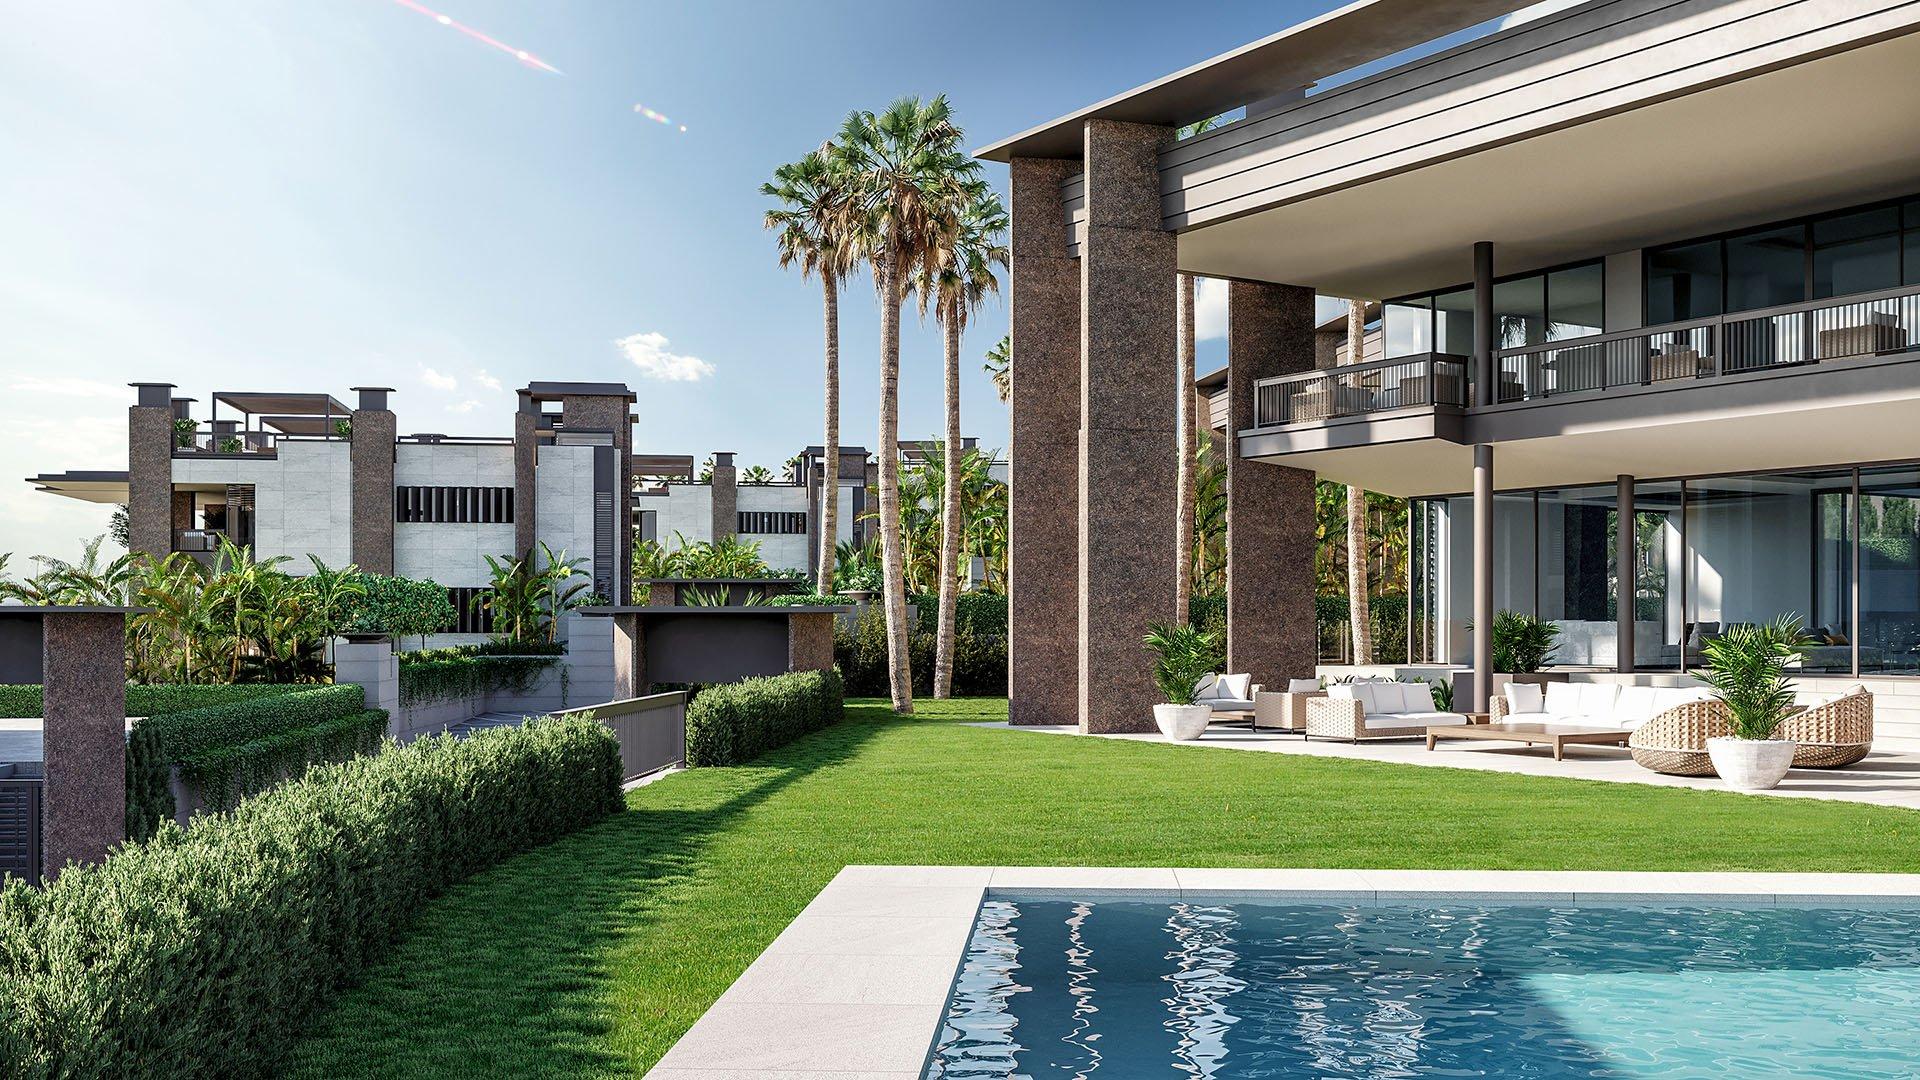 Los Palacetes de Banus: Unique luxury villas within walking distance from Puerto Banús